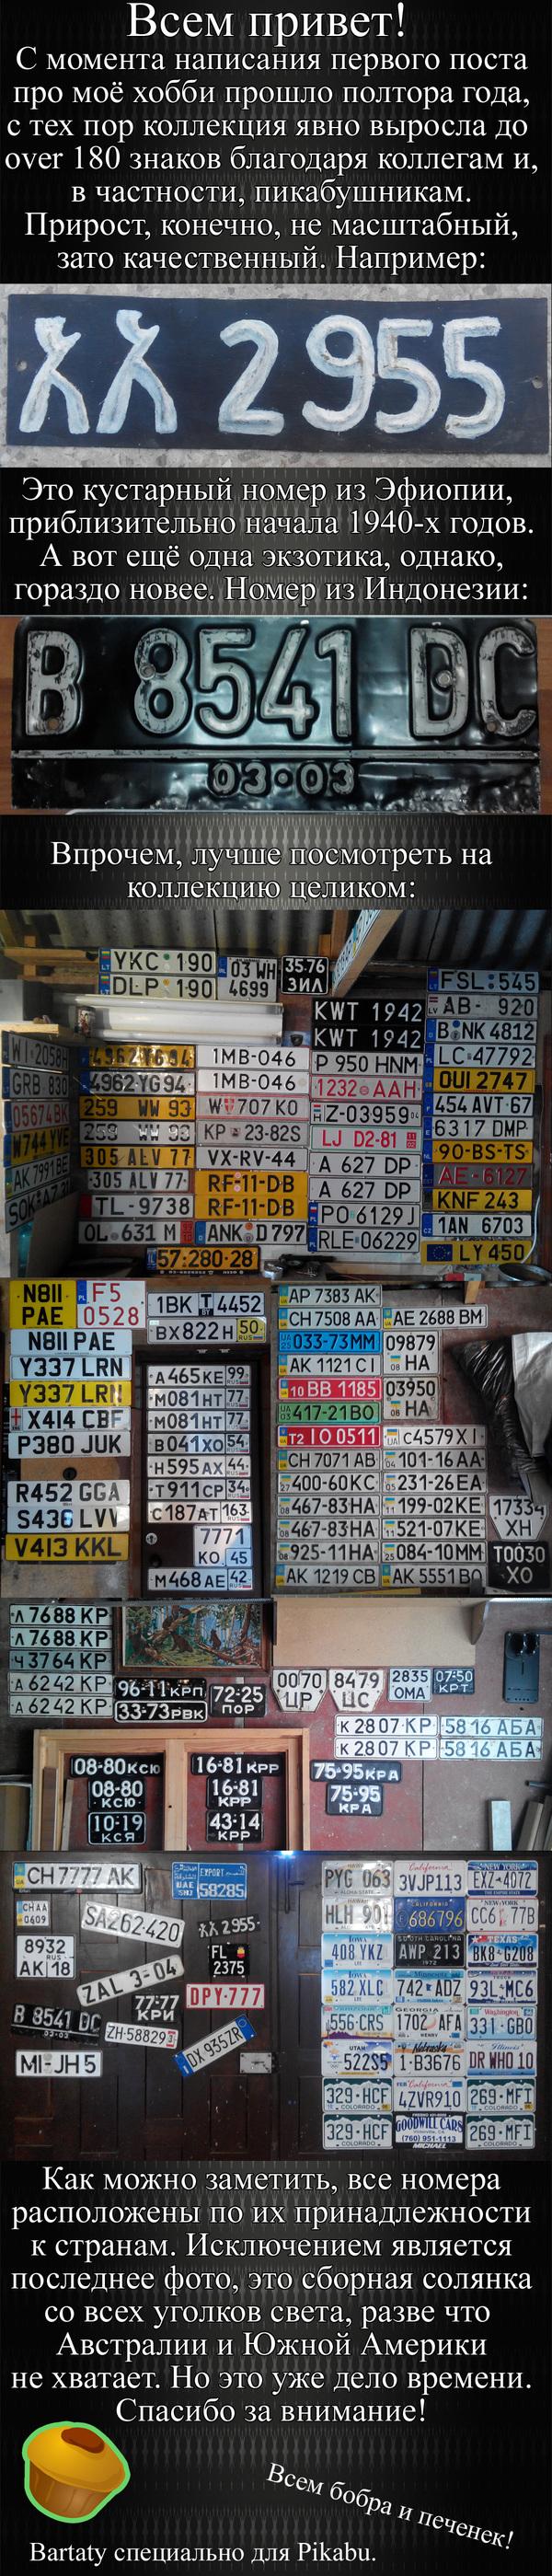 Коллекционирование номеров Хобби, Коллекция, Автомобильные номера, Длиннопост